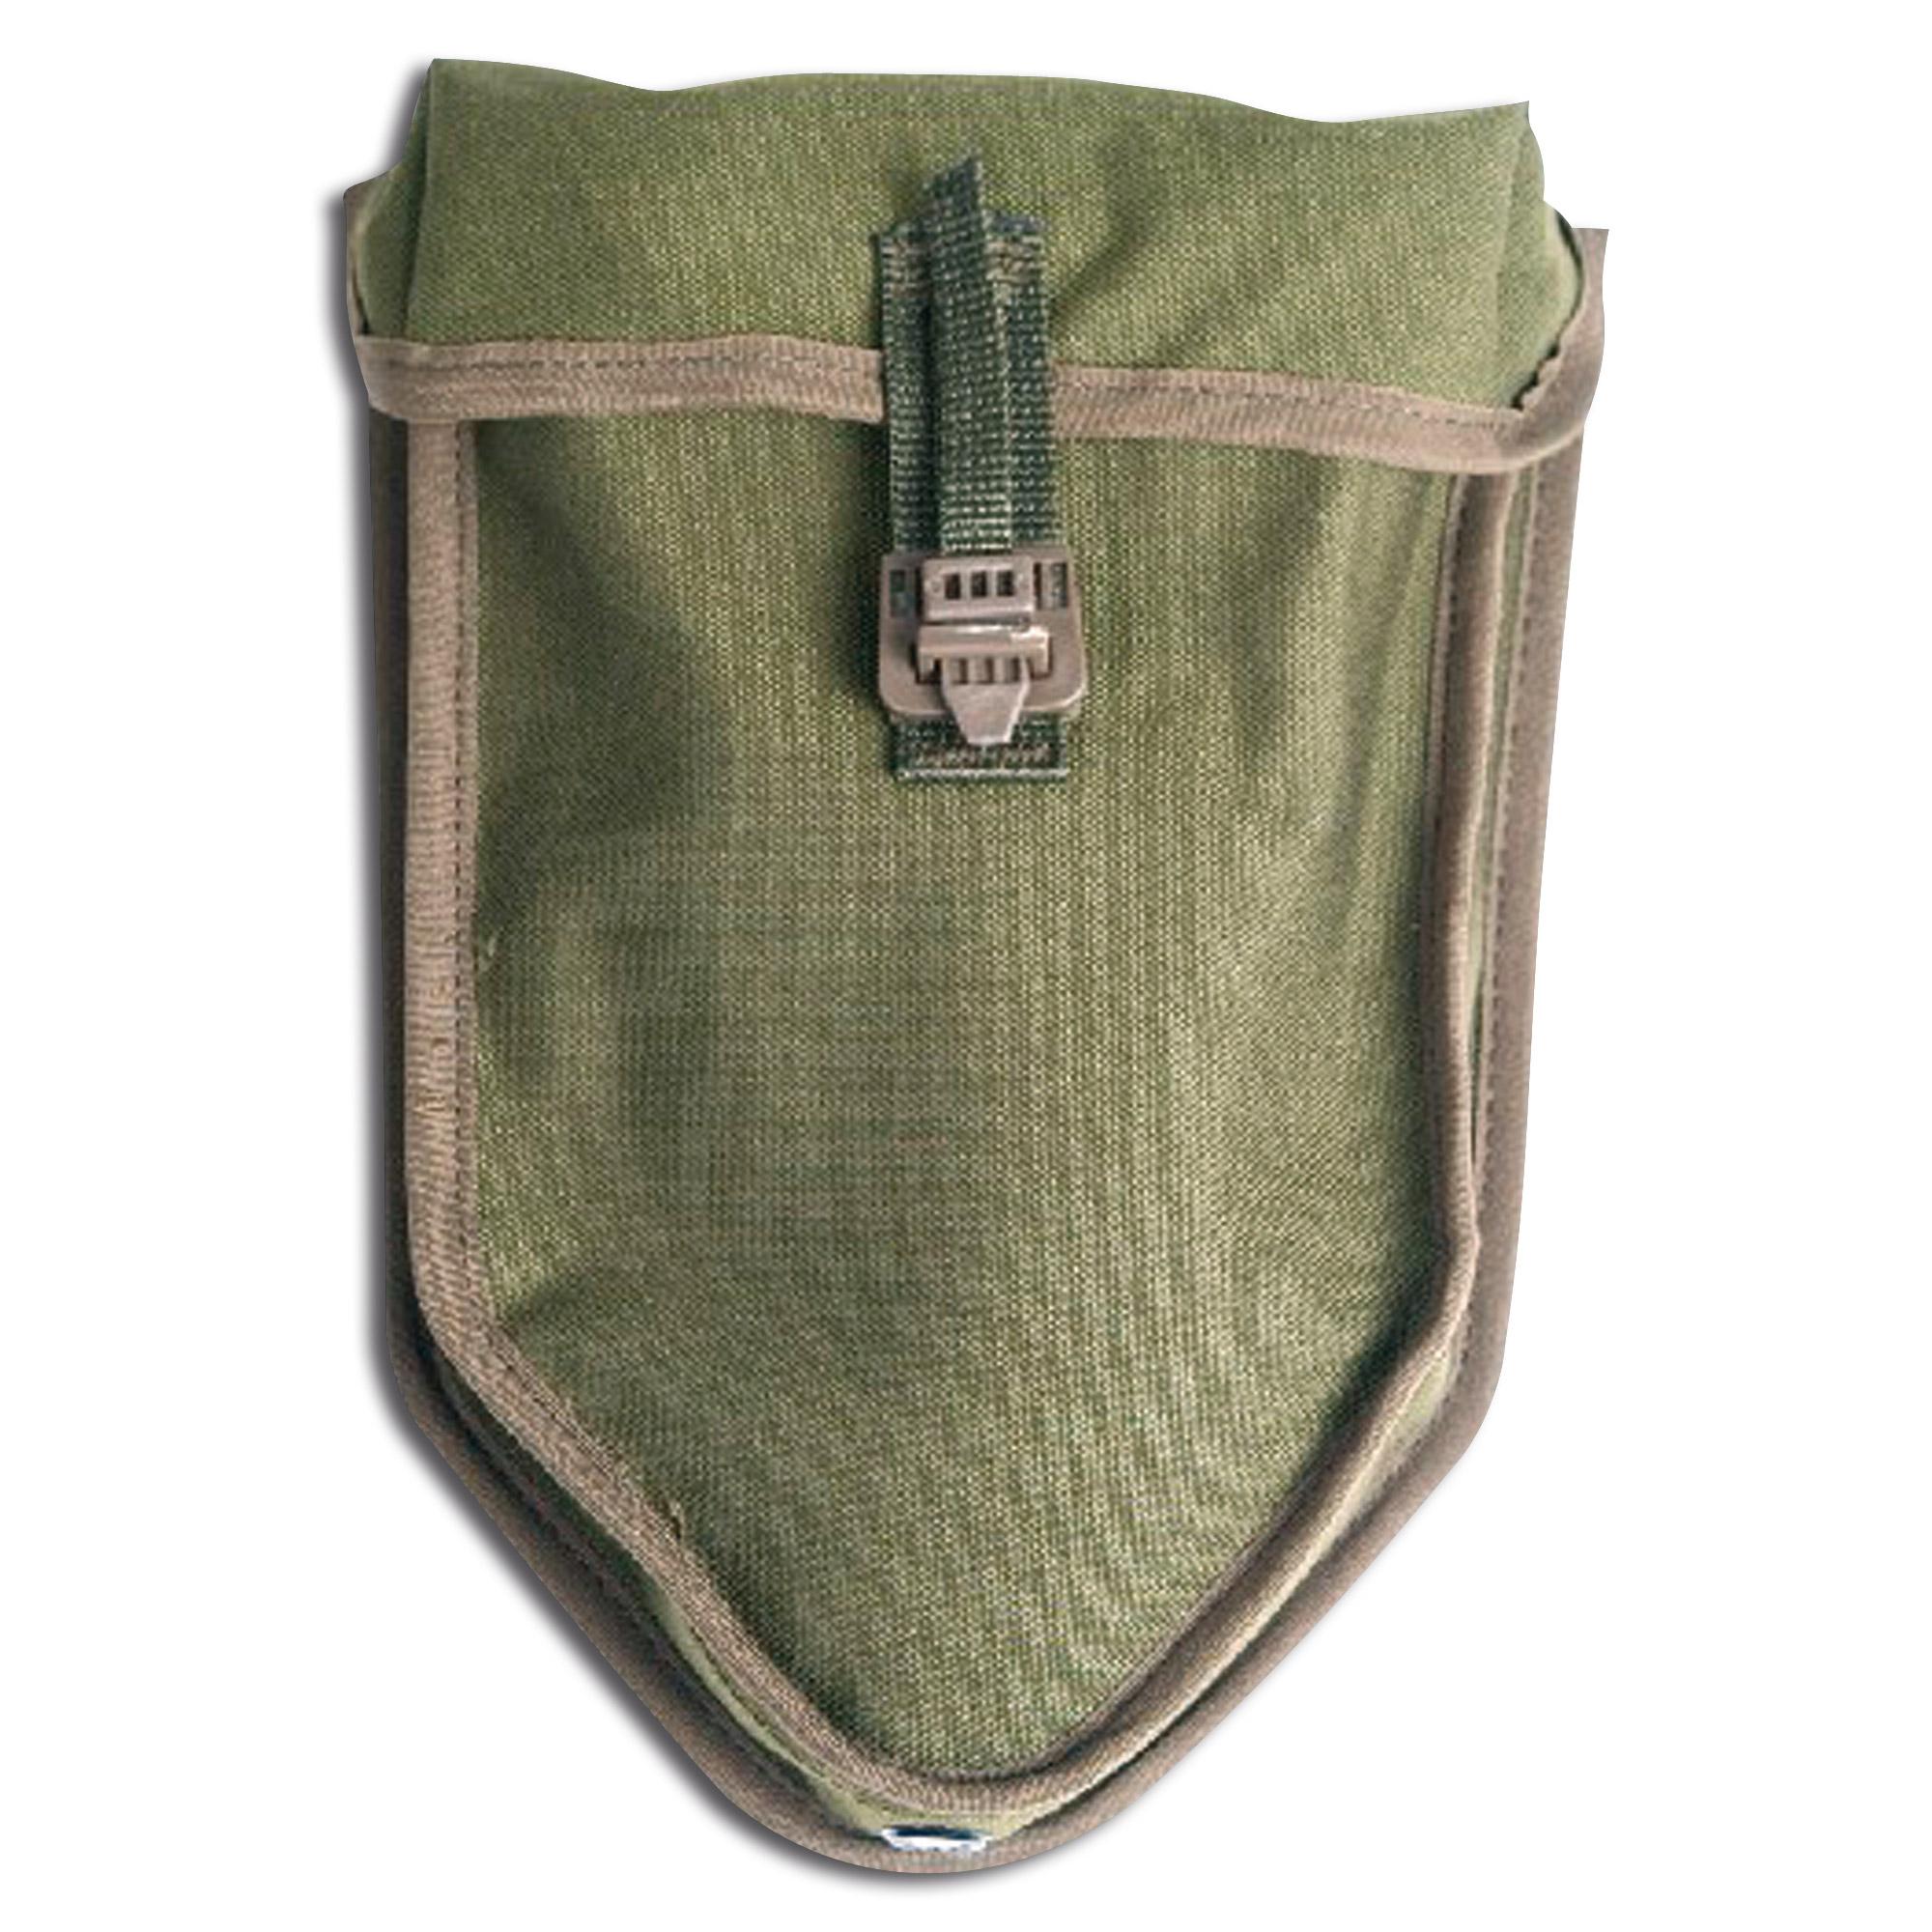 BW shovel pouch olive